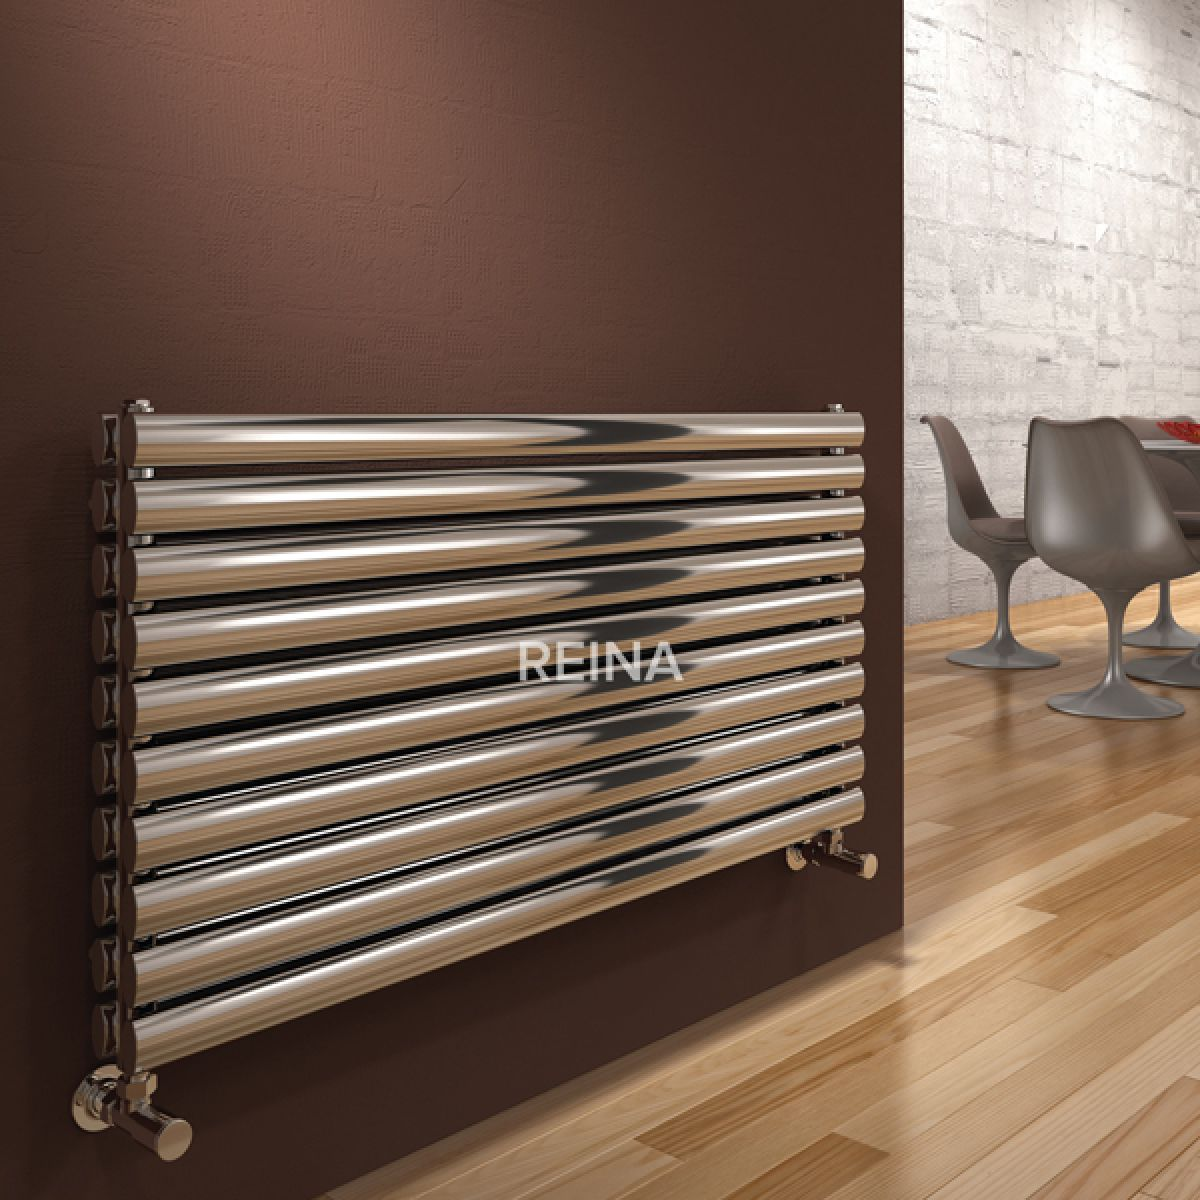 Reina Artena Polished Double Panel Steel Radiator 590 x 800mm